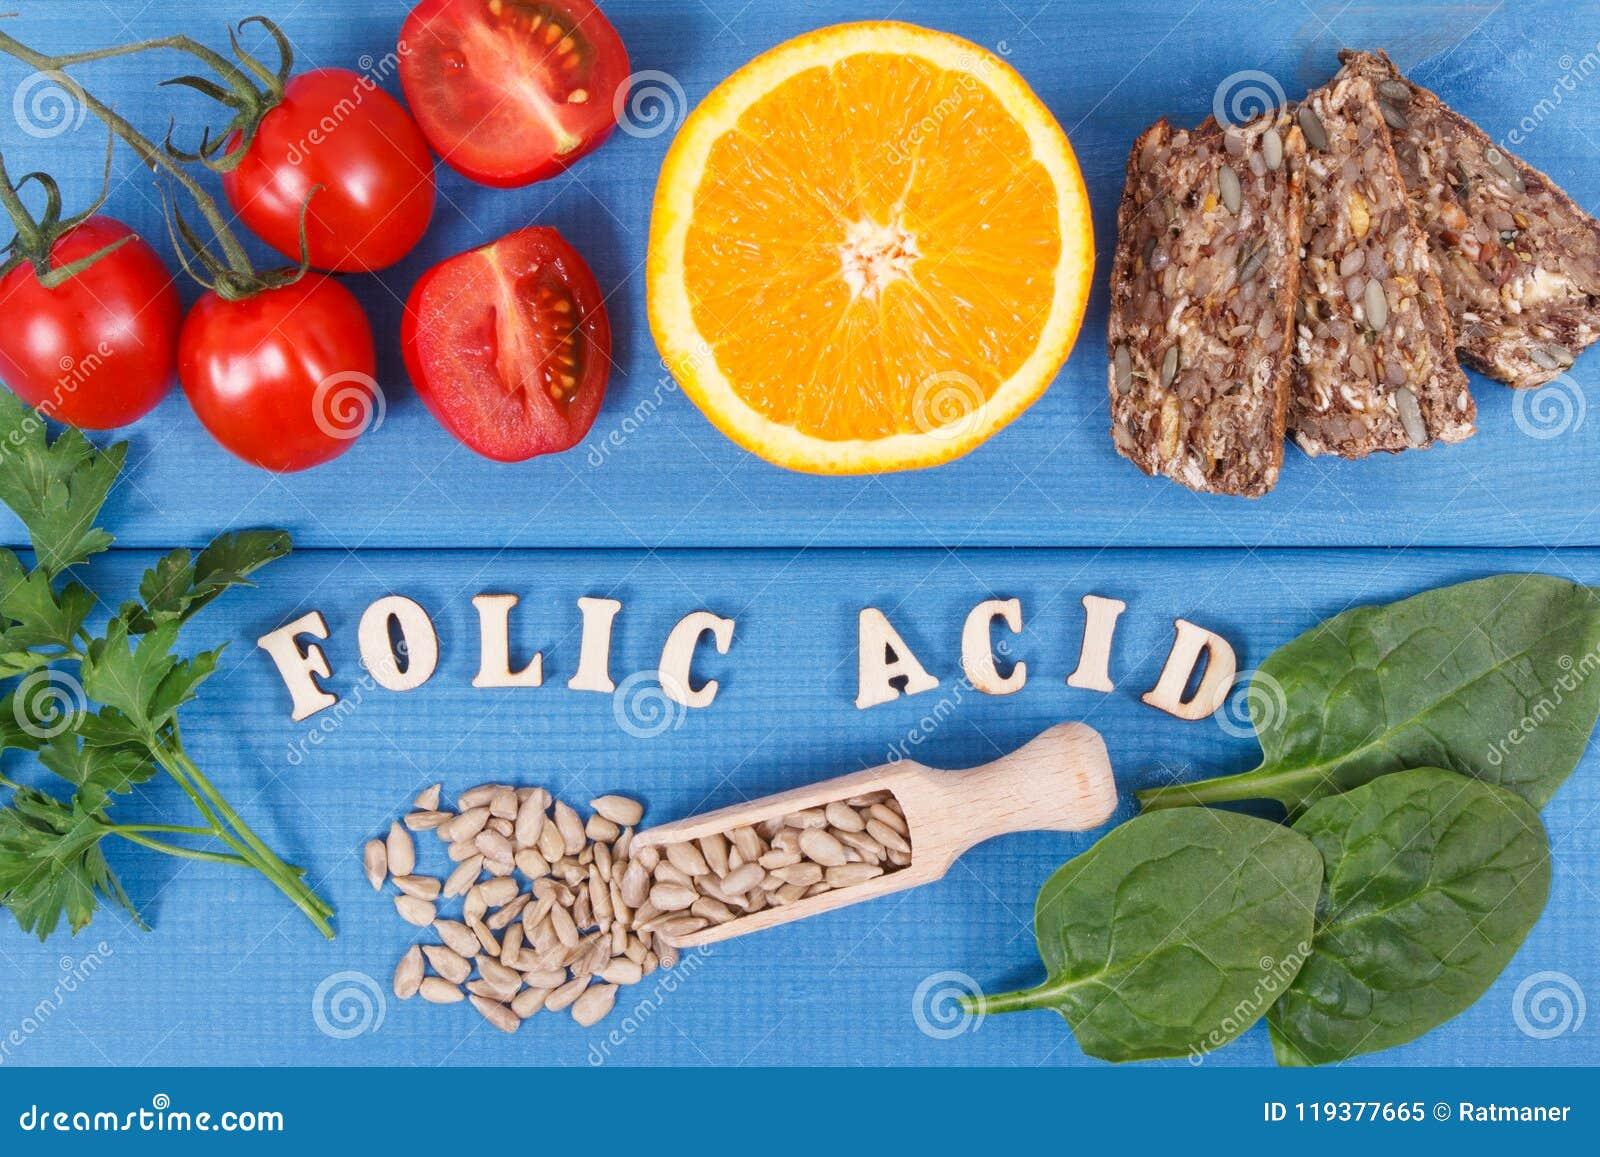 Wpisowy folic kwas z zdrowym odżywczym jedzeniem jako źródło kopaliny, witamina B9 i żywienioniowy włókno,